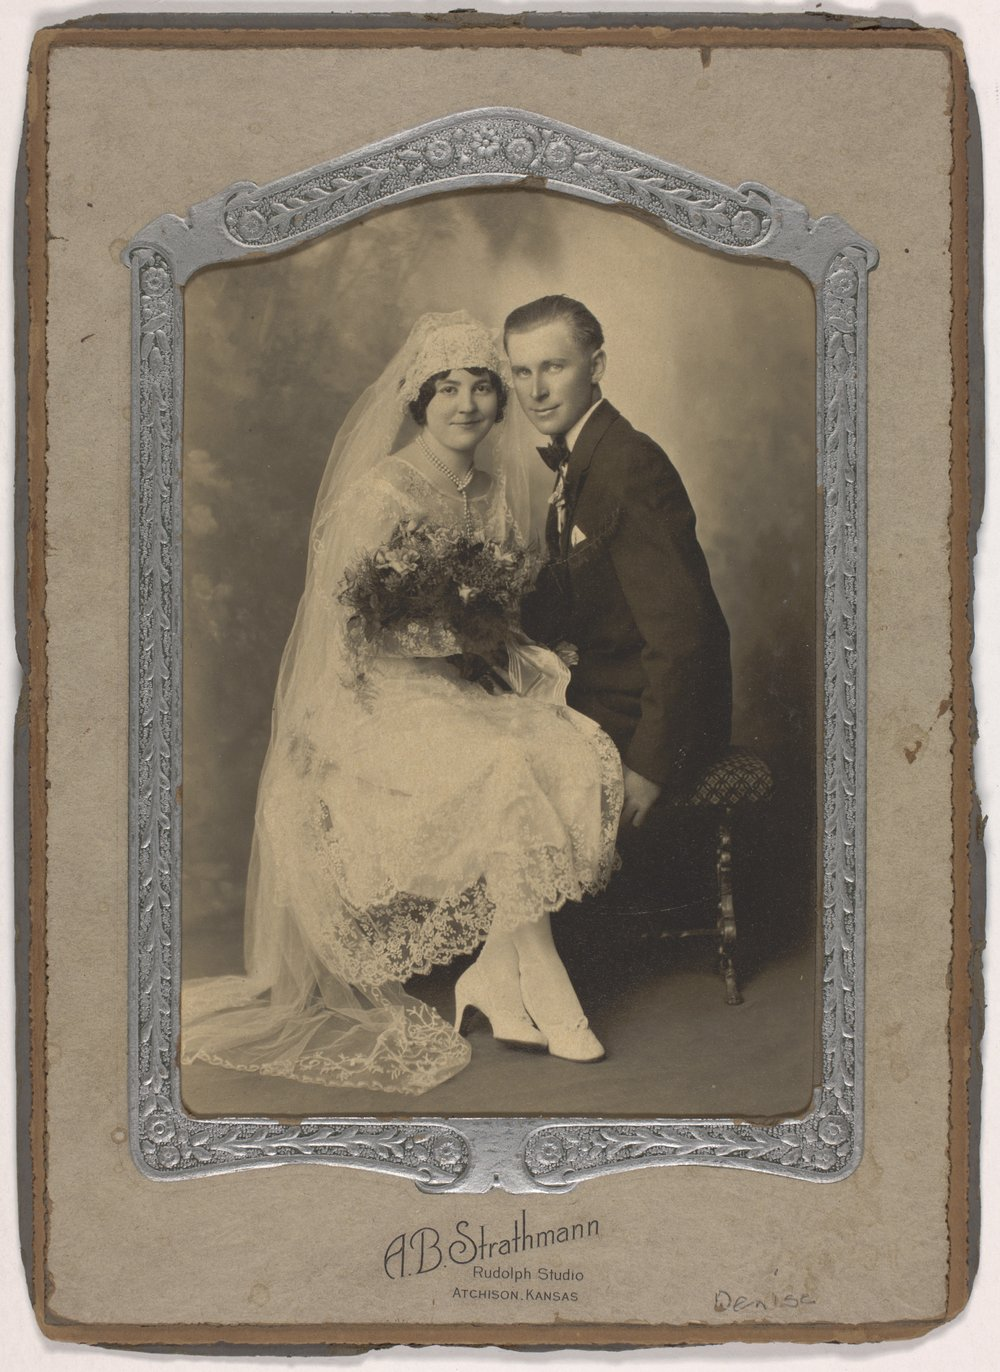 Carl Alfred Brose and Leona H. Schneifer Brose